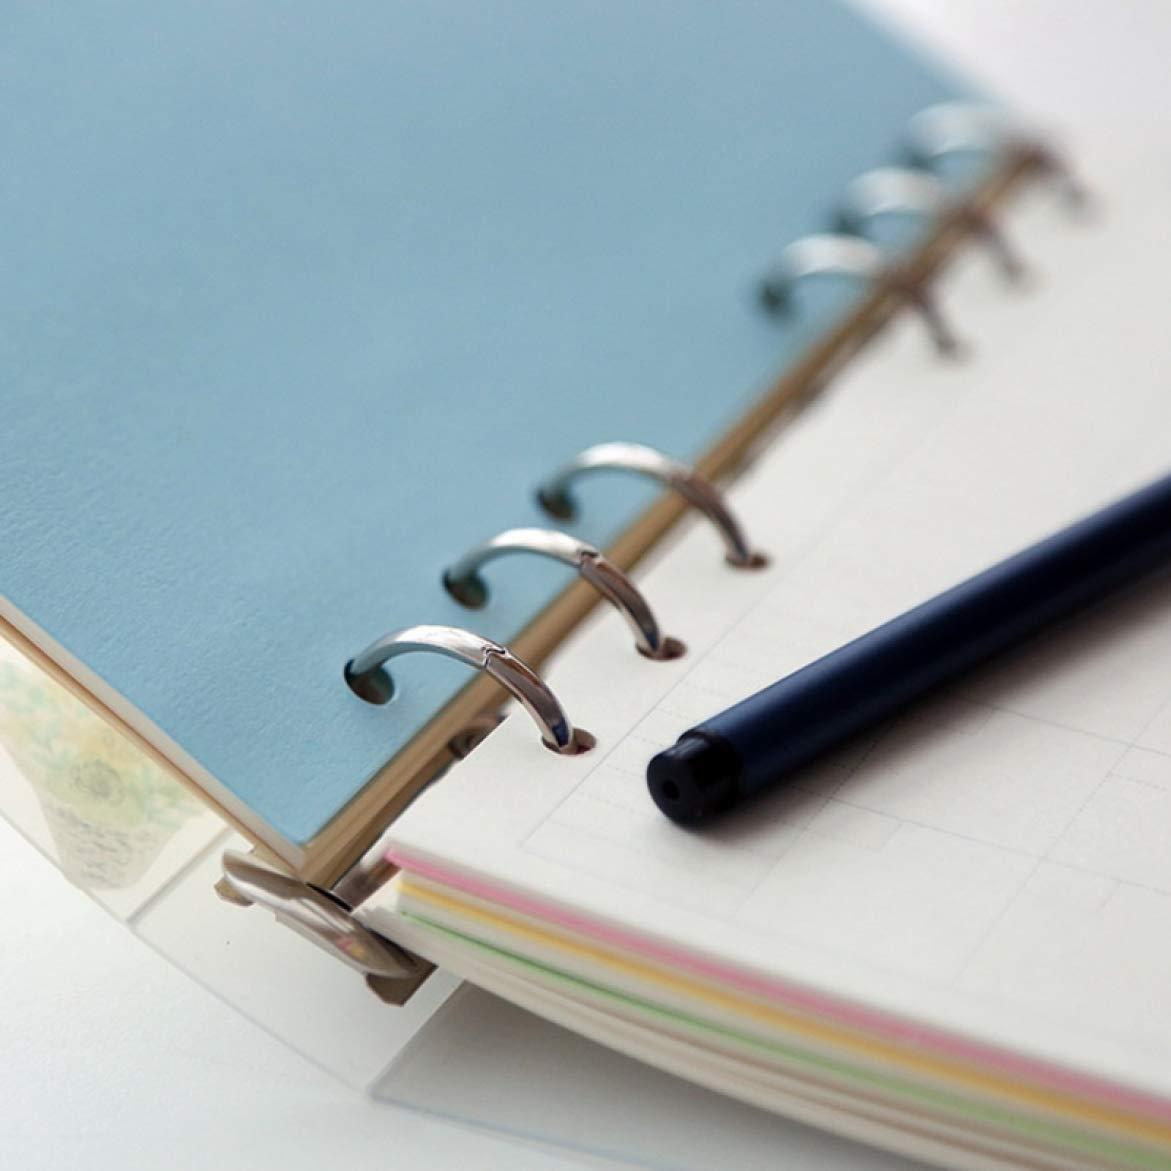 Yuehuxin Caliente Ventas A5 A6 A7 Espiral Cuaderno Cubierta Suelto Diario Bobina Carpeta Anillas Relleno Papel Separado Agenda Recibir Bolsa Tarjeta Almacenaje A5